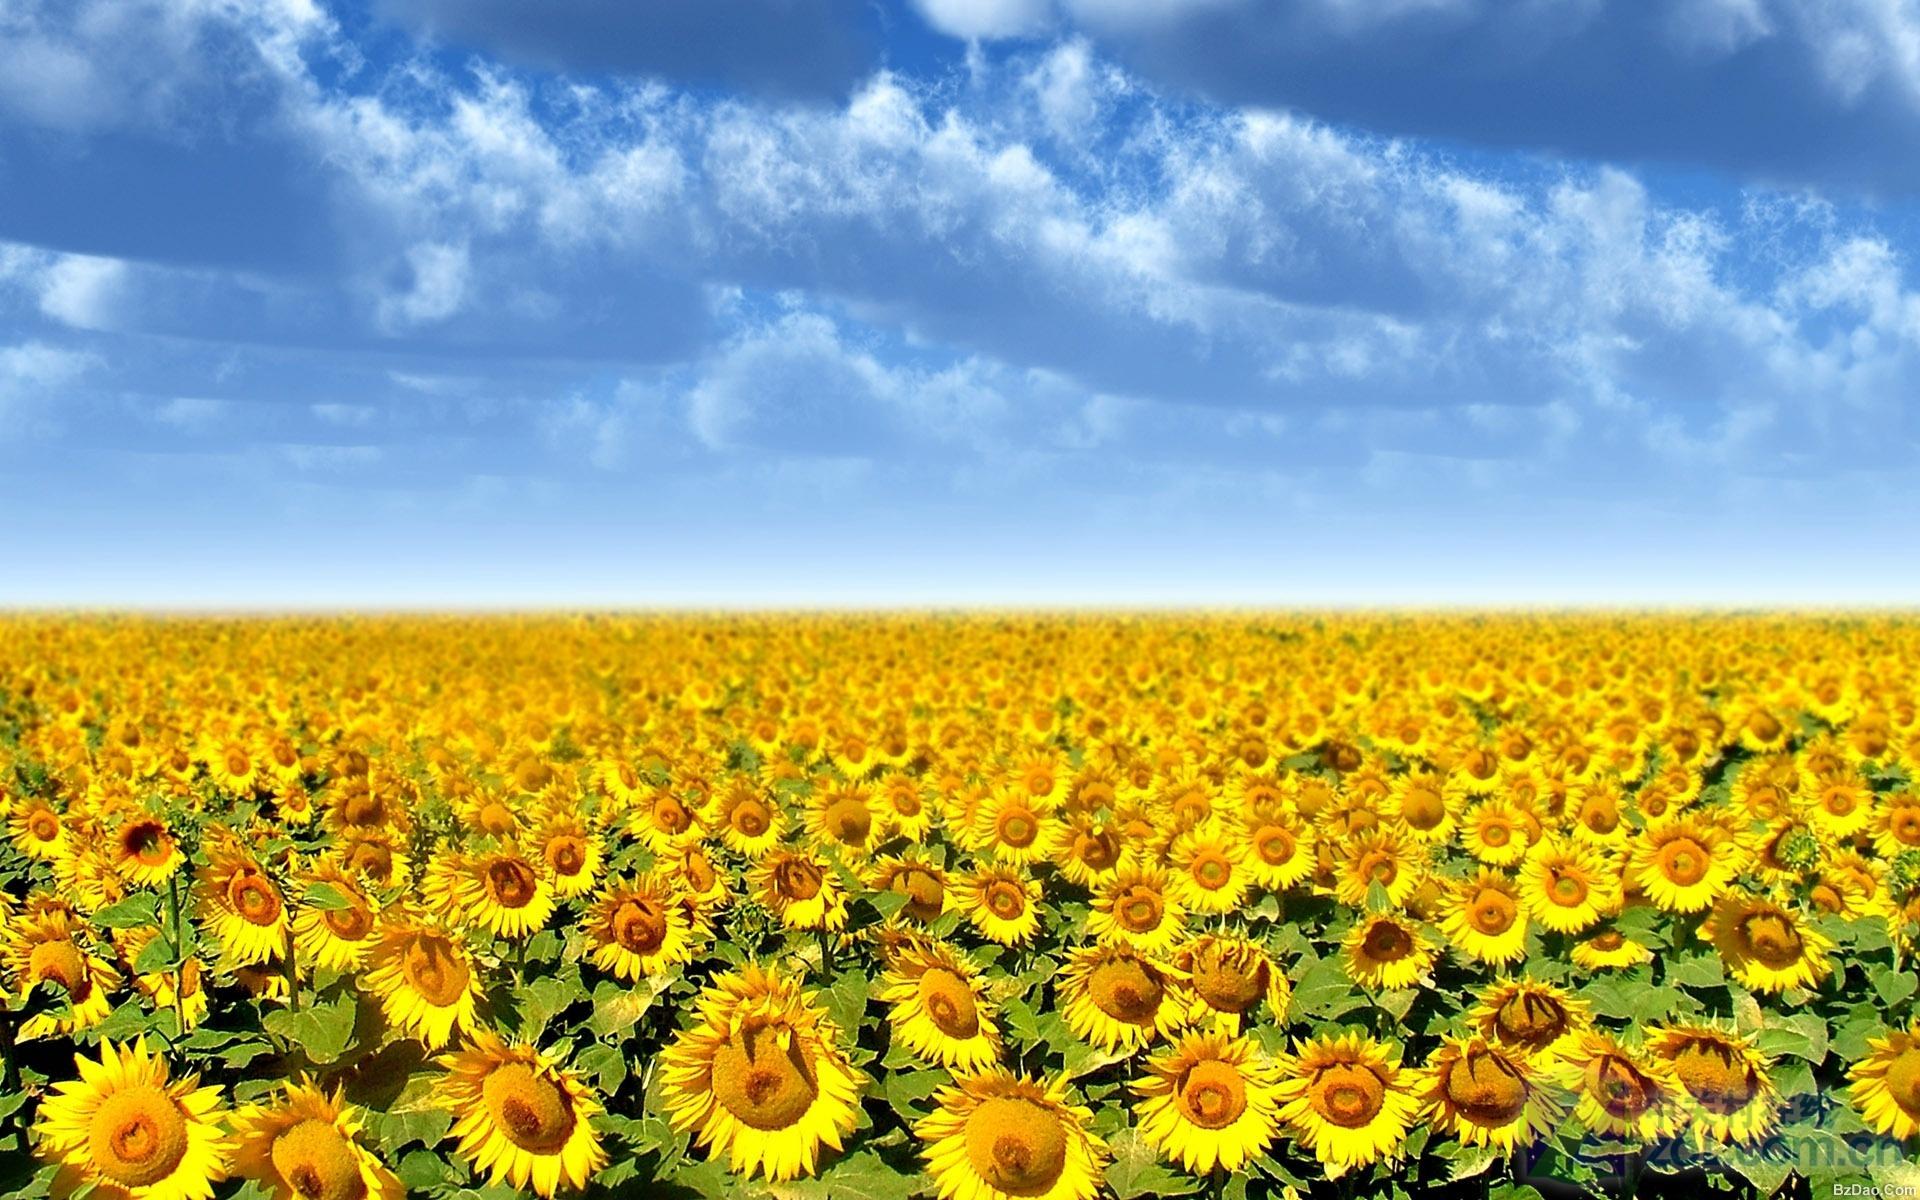 软件下载 桌面壁纸 高清壁纸 高清大屏向日葵摄影壁纸 应用截图